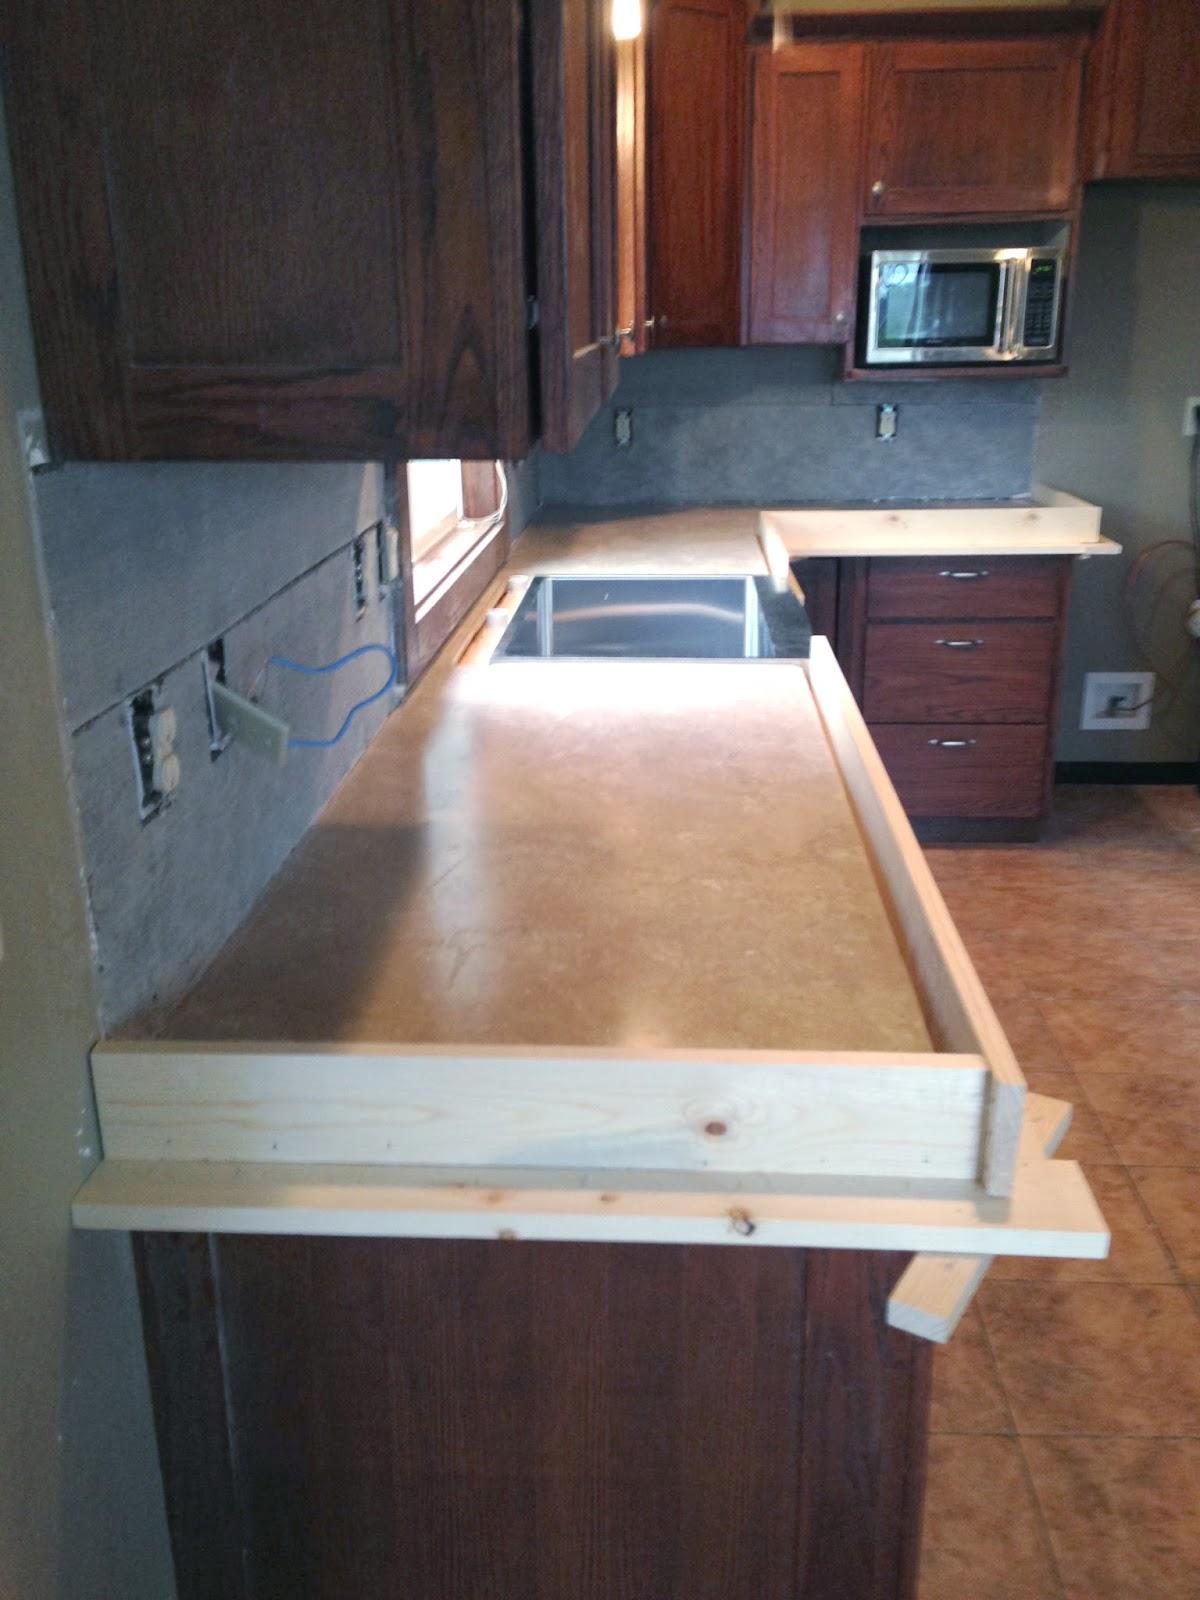 Pour Concrete Over Tile Countertop